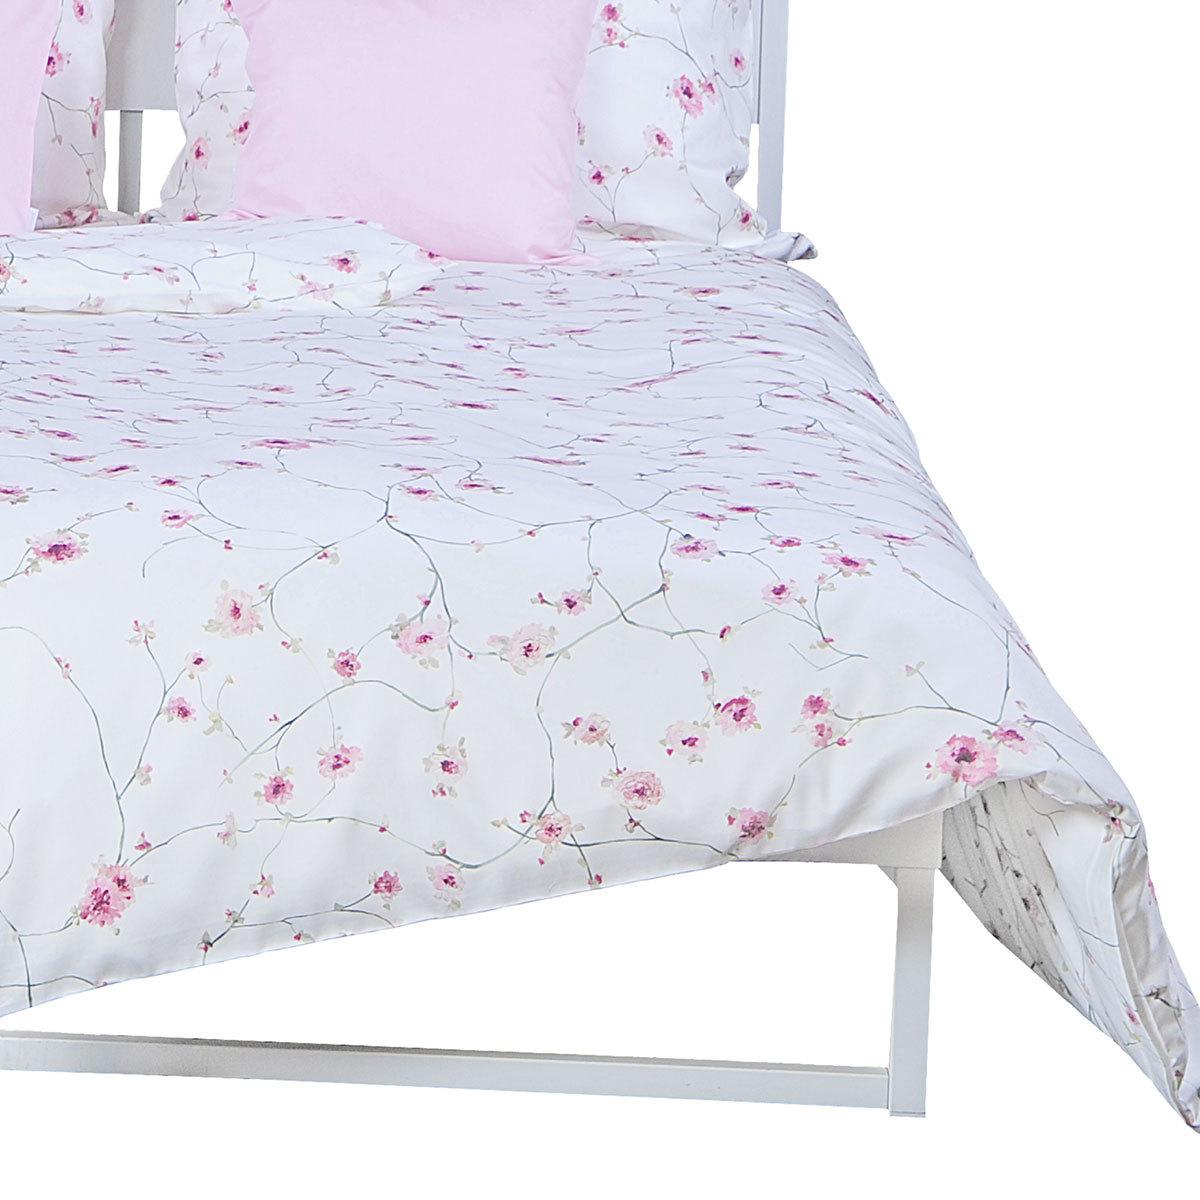 momm mako satin bettw sche aida g nstig online kaufen bei bettwaren shop. Black Bedroom Furniture Sets. Home Design Ideas